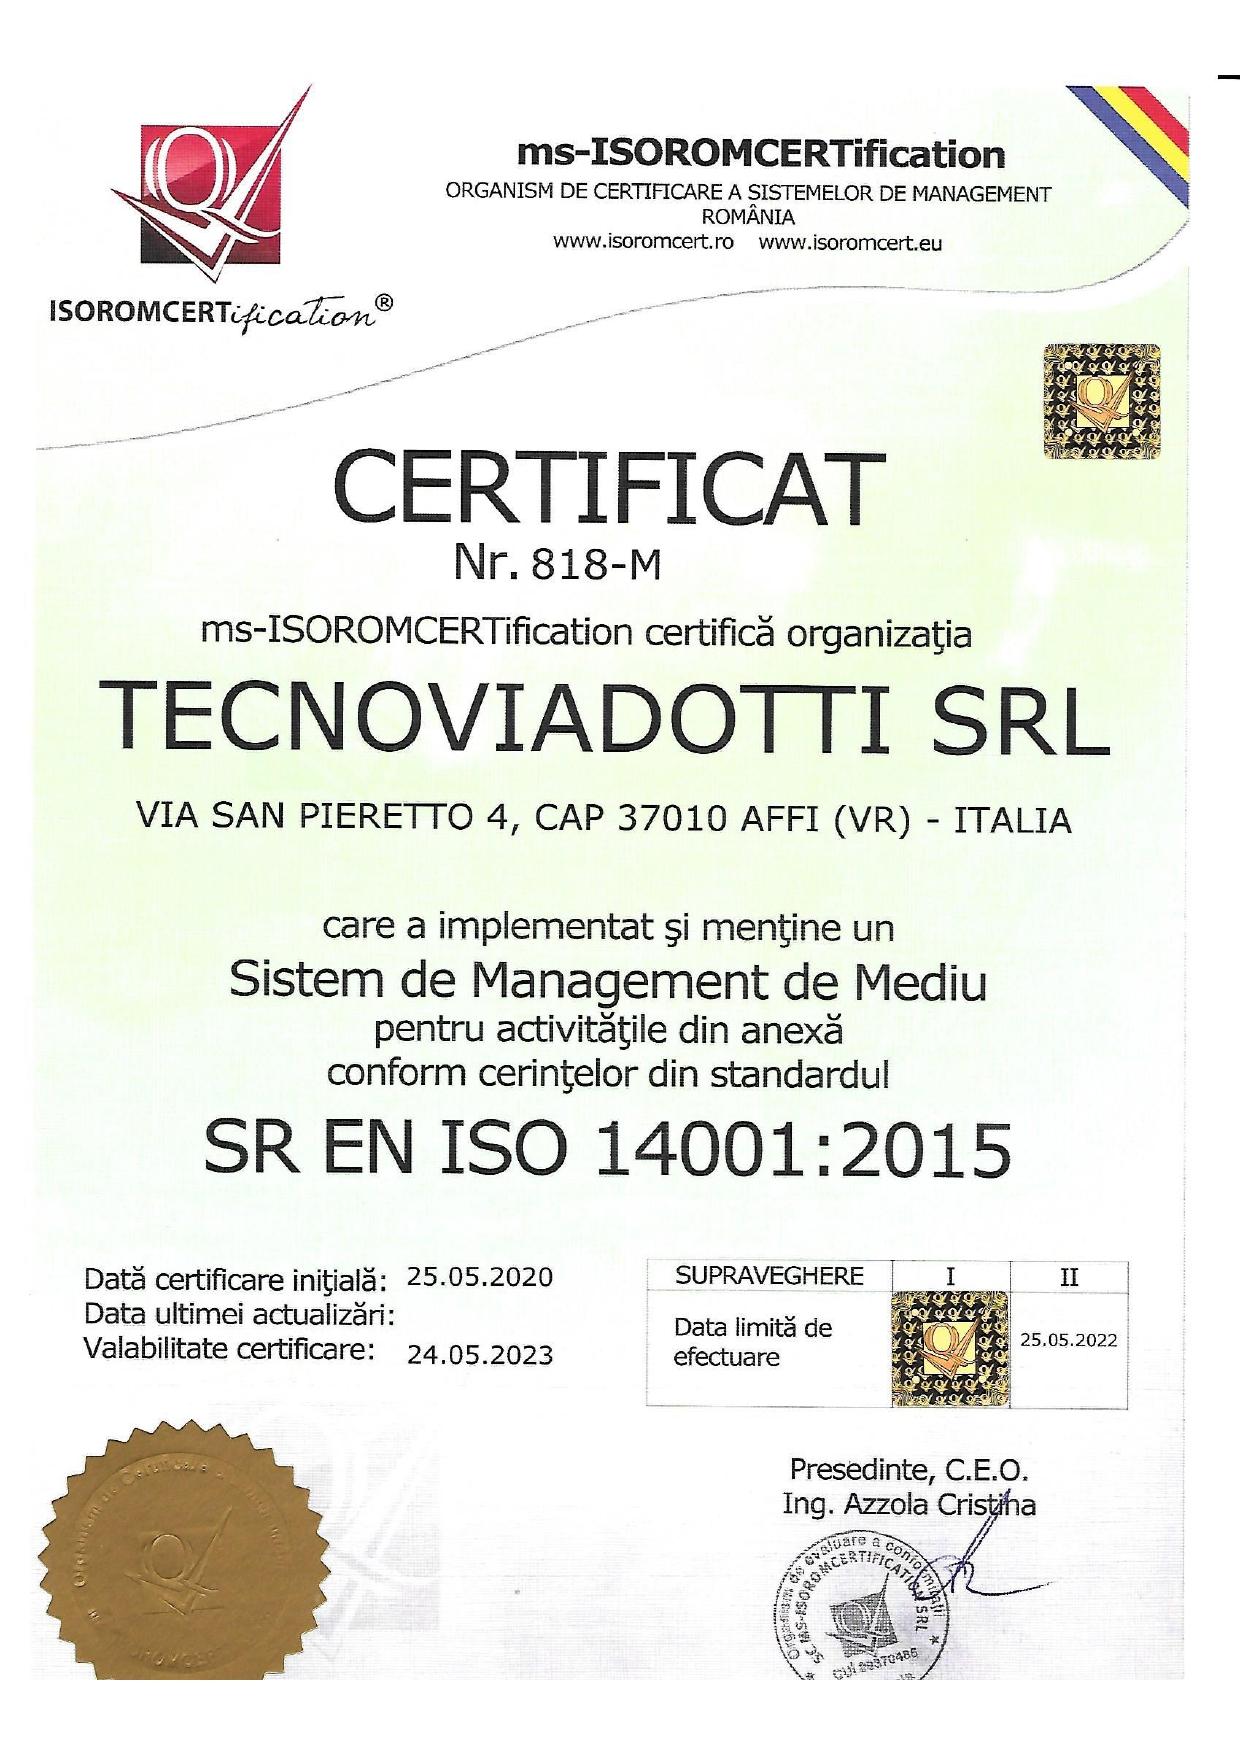 SR EN ISO 14001:2015